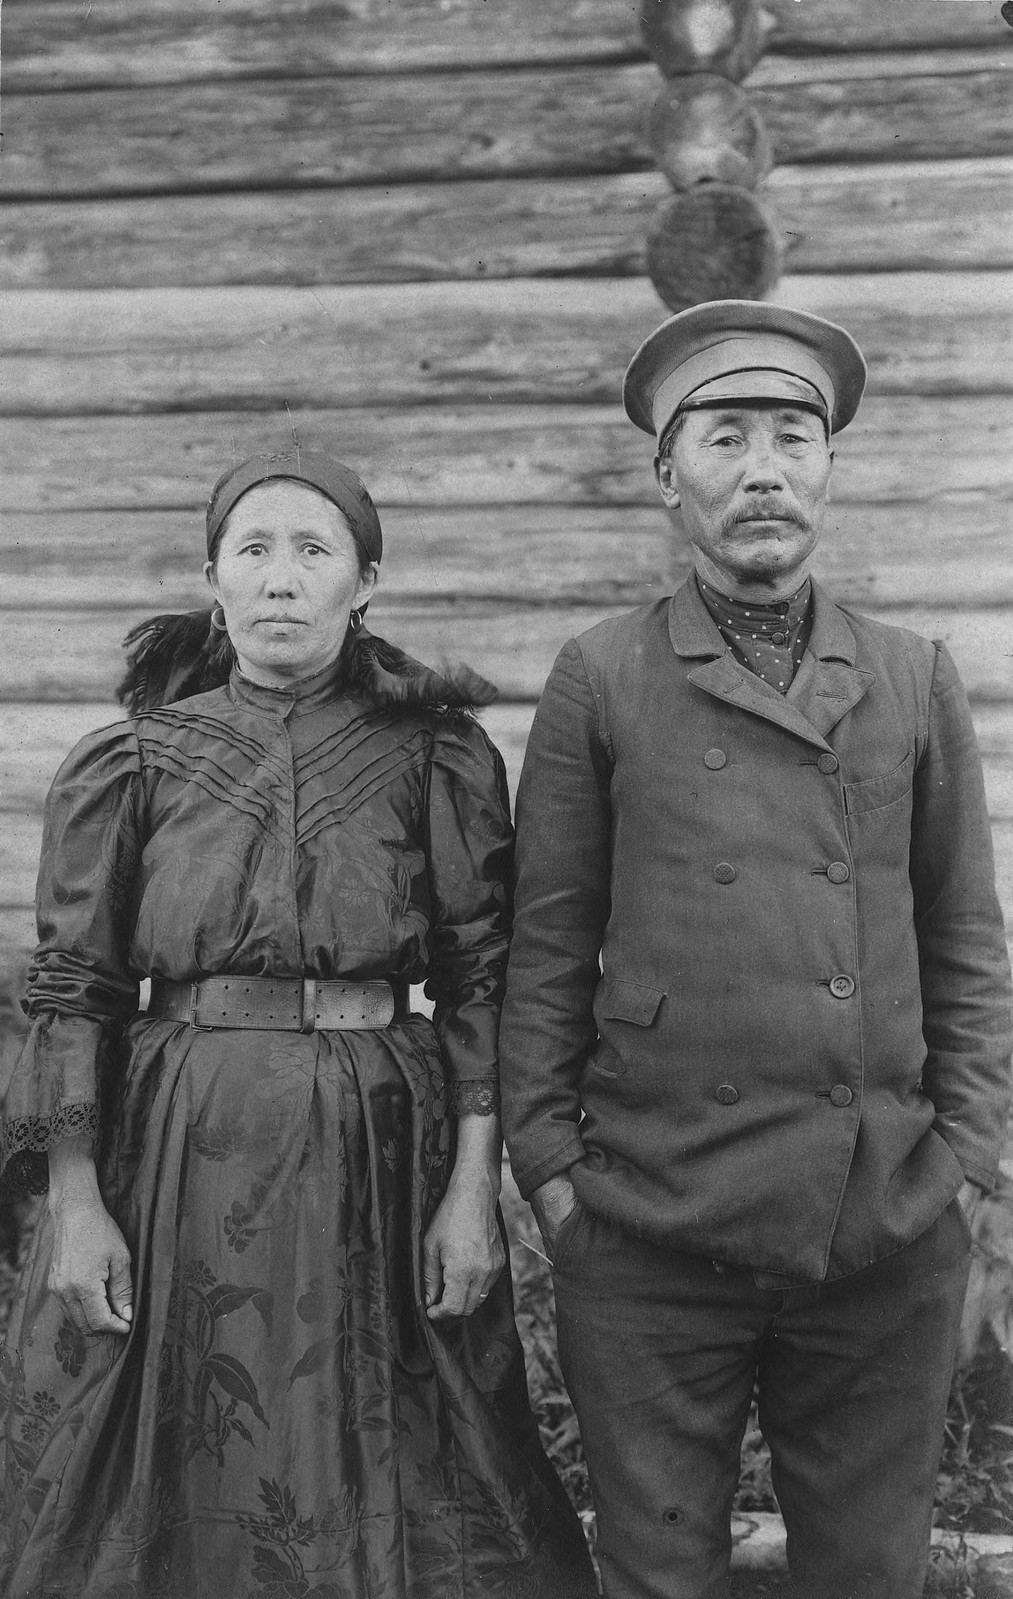 Шорская семья - муж с женой в одежде городского типа. Под местной русской культуры традиционную одежду шорцев сменяет городской тип одежды